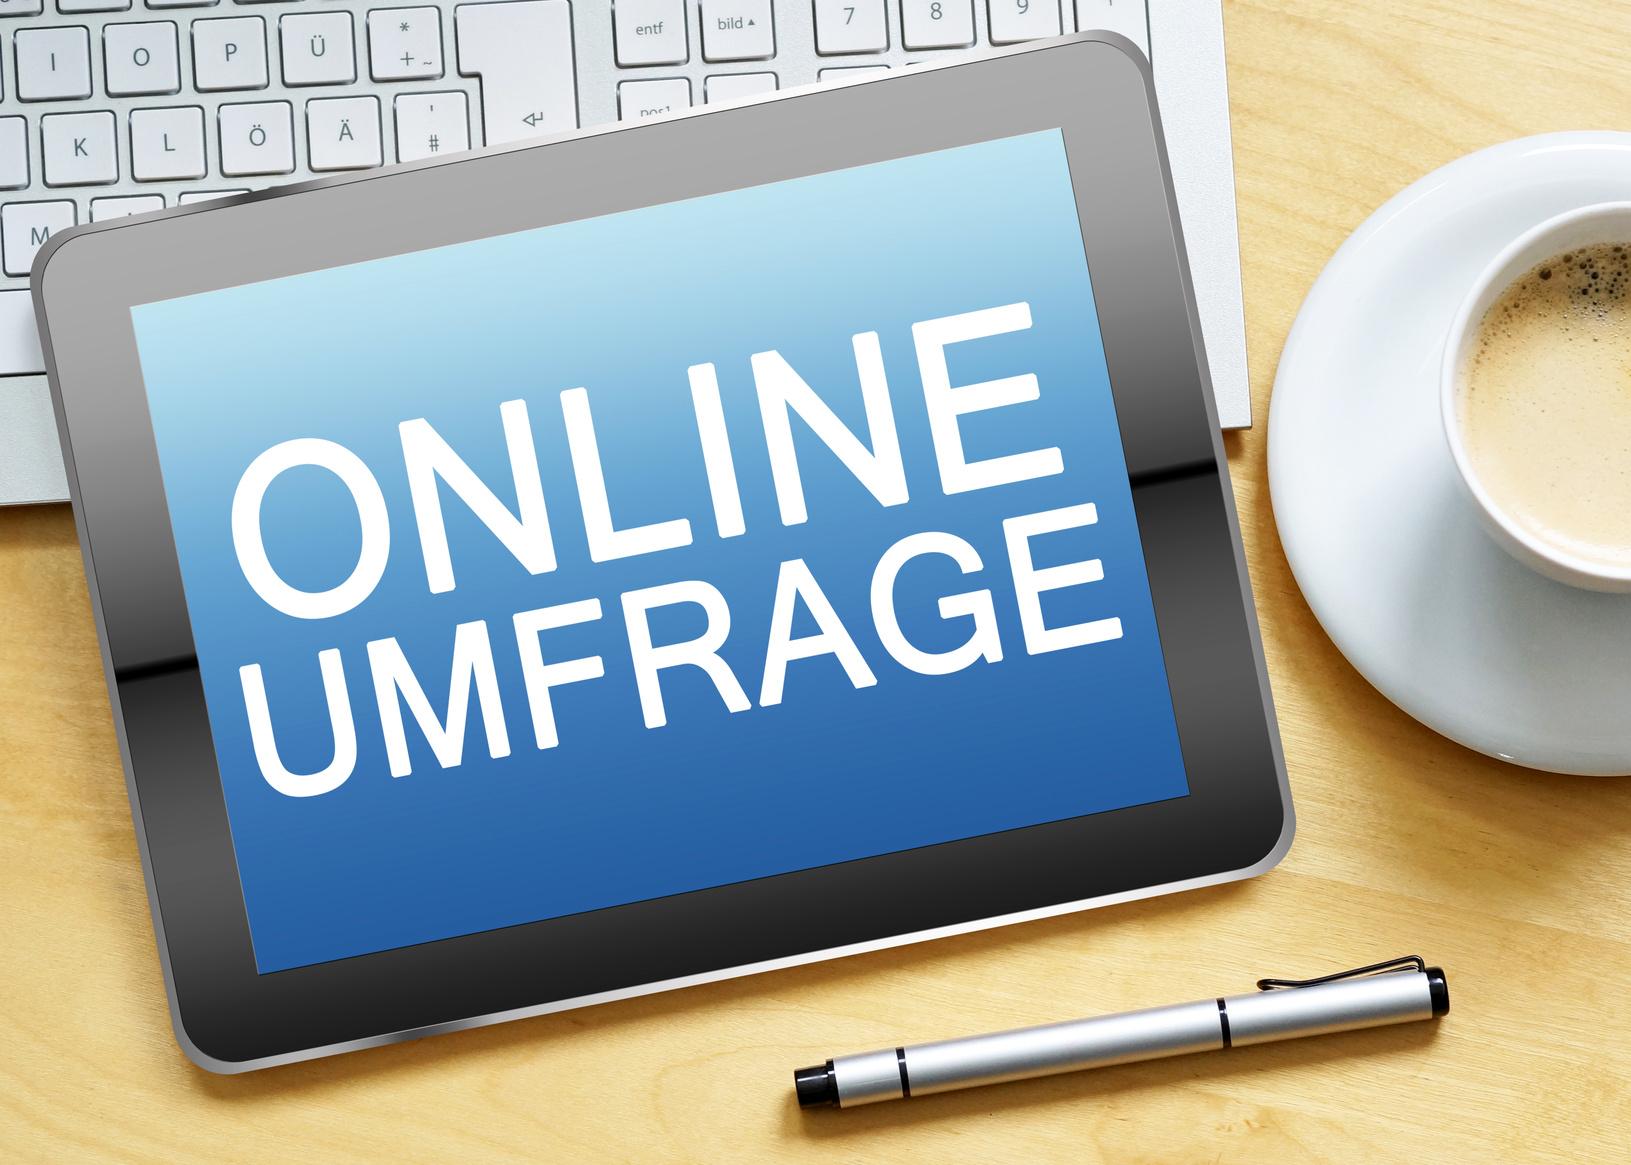 umfrage online geld verdienen erfahrung